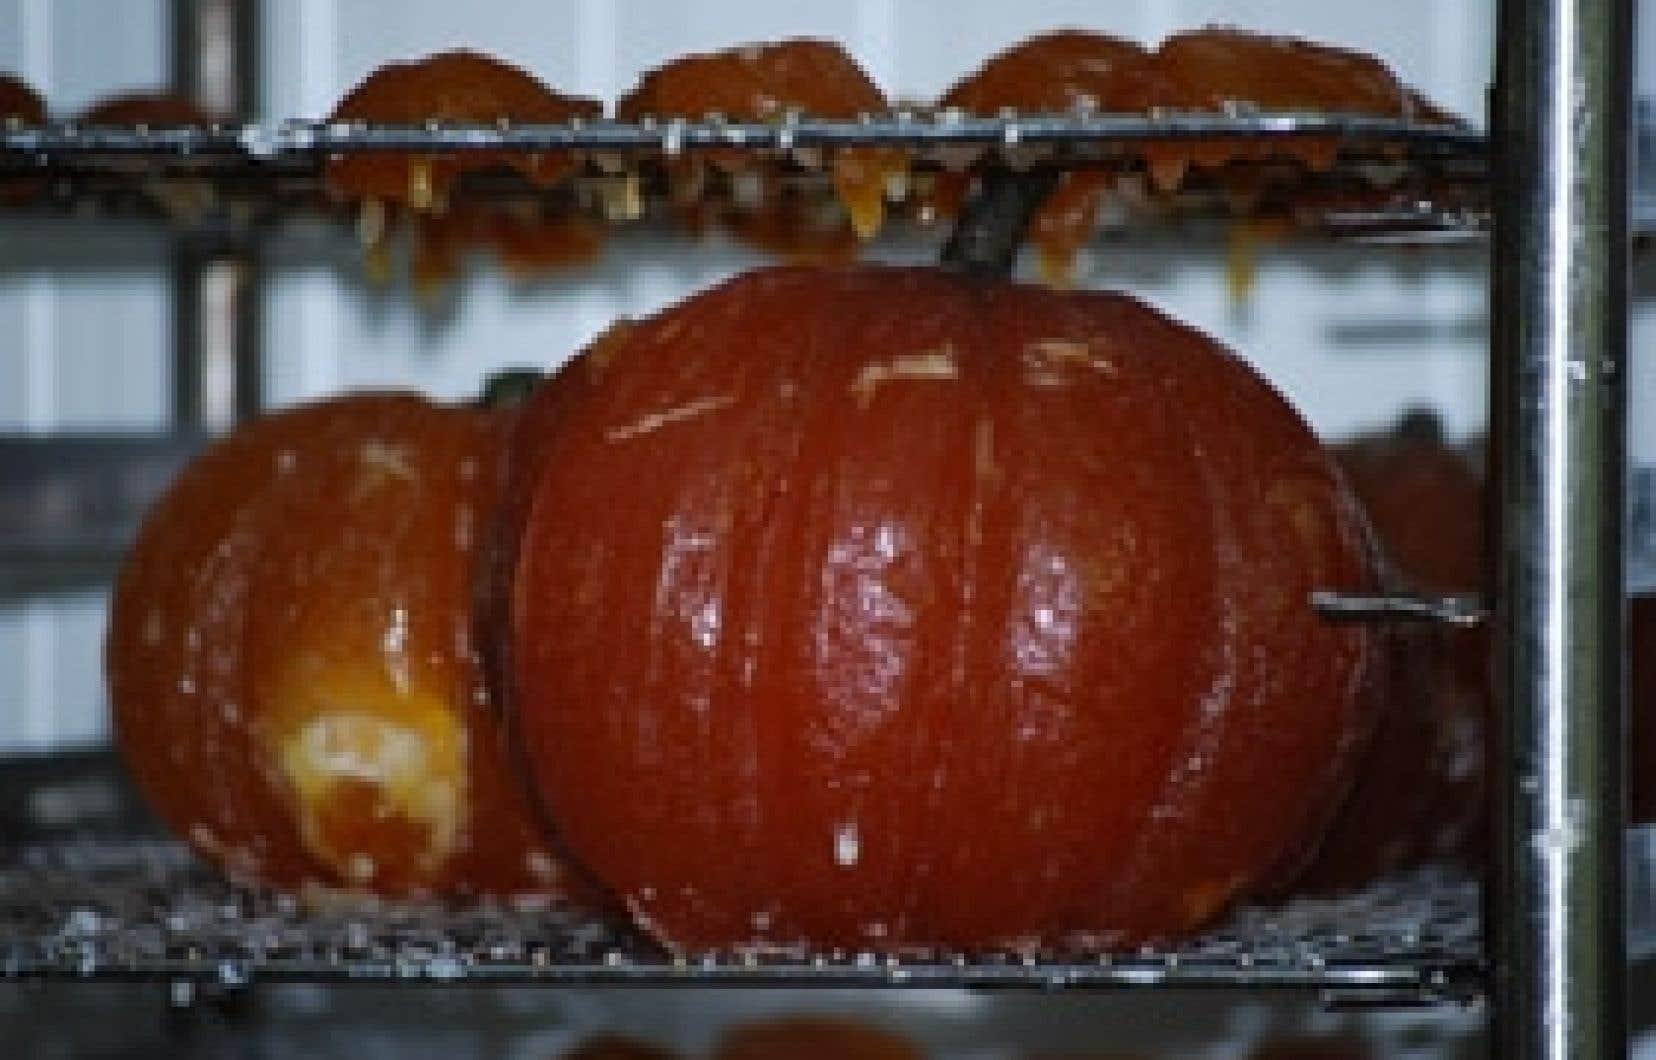 Depuis plusieurs générations, la famille Richaud perpétue la tradition du fruit confit selon les règles de l'art, respectant les diverses phases de confiserie des fruits frais.